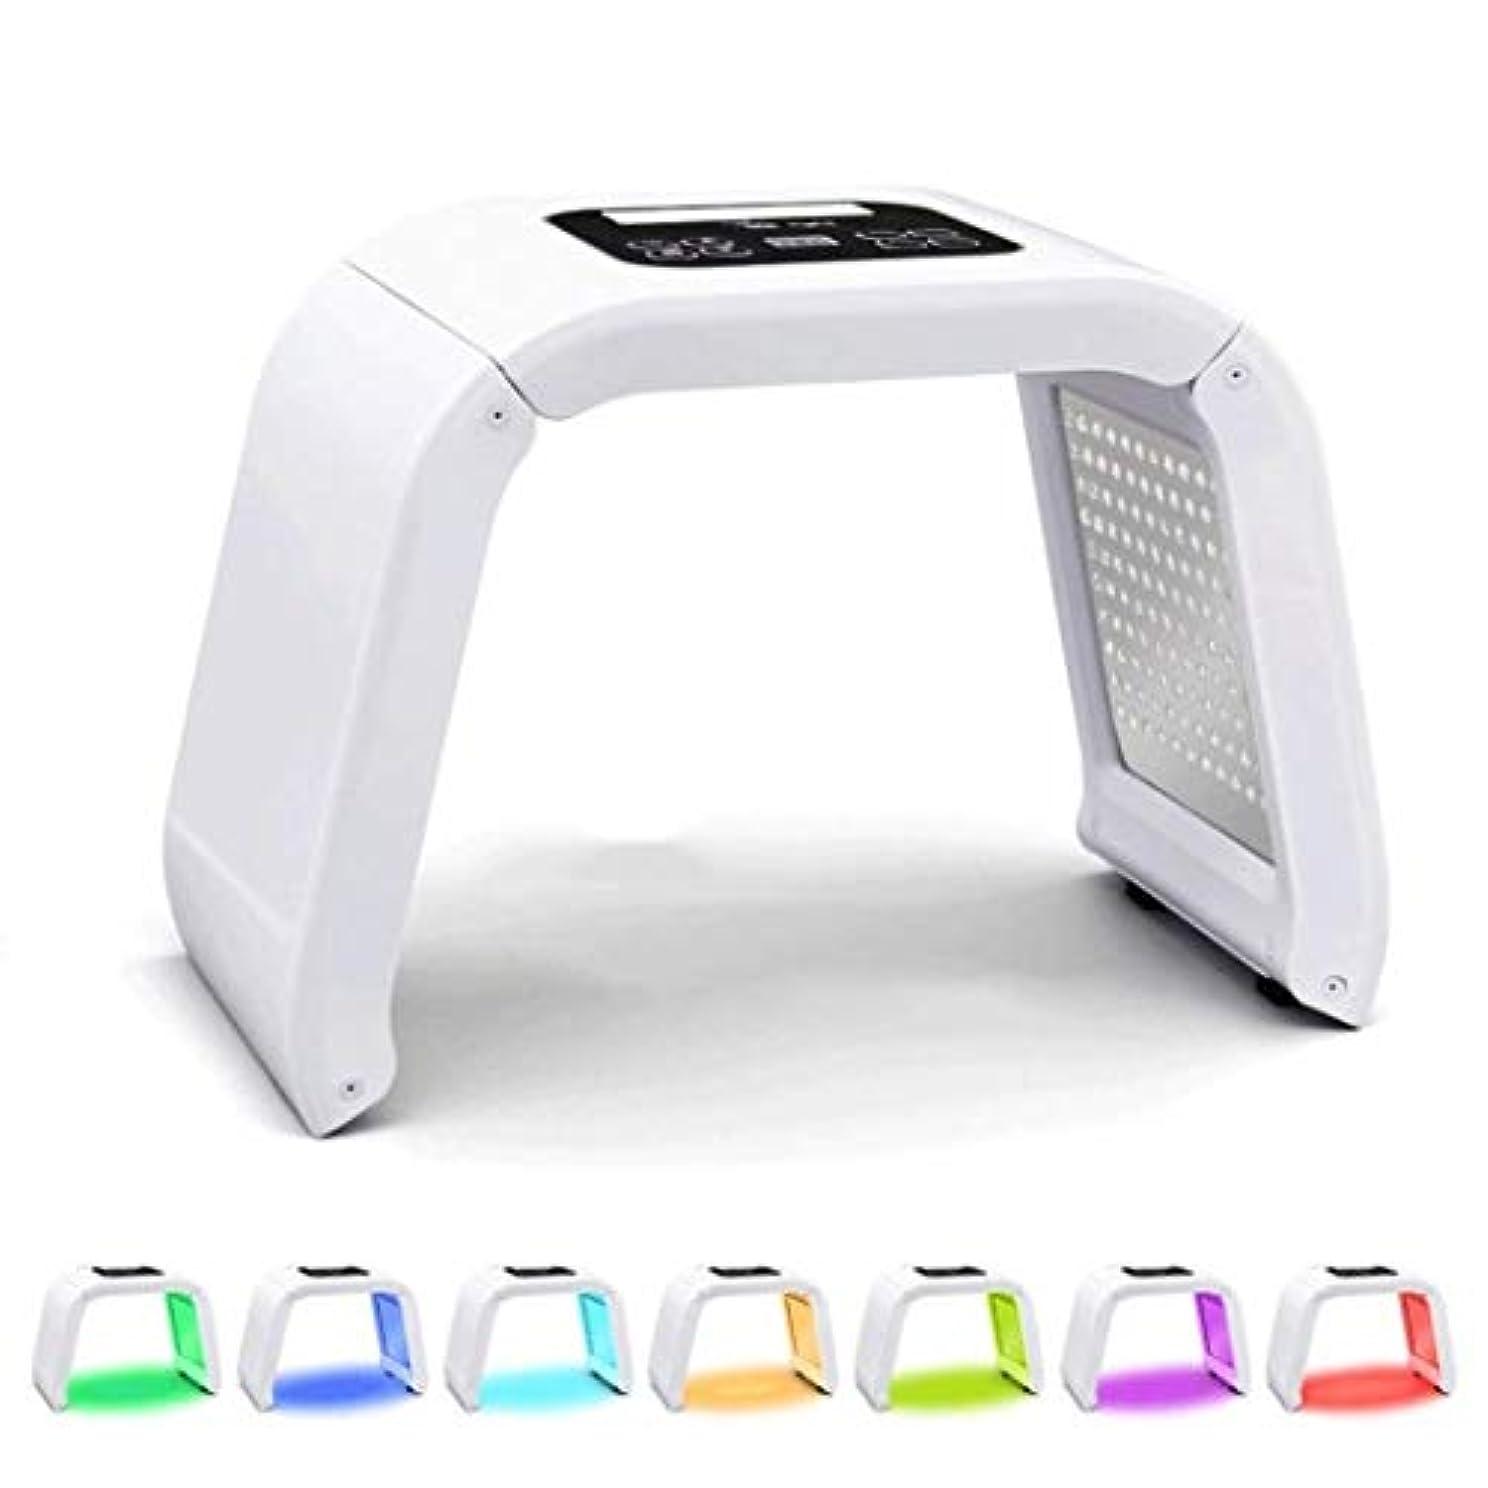 瞳ダイアクリティカル債務7色LEDの肌の若返り美容機器、アンチエイジング若返りスキンサロンSPA美容スチーマー機器のためのケアLEDフェイスフォトンレッドライトセラピー